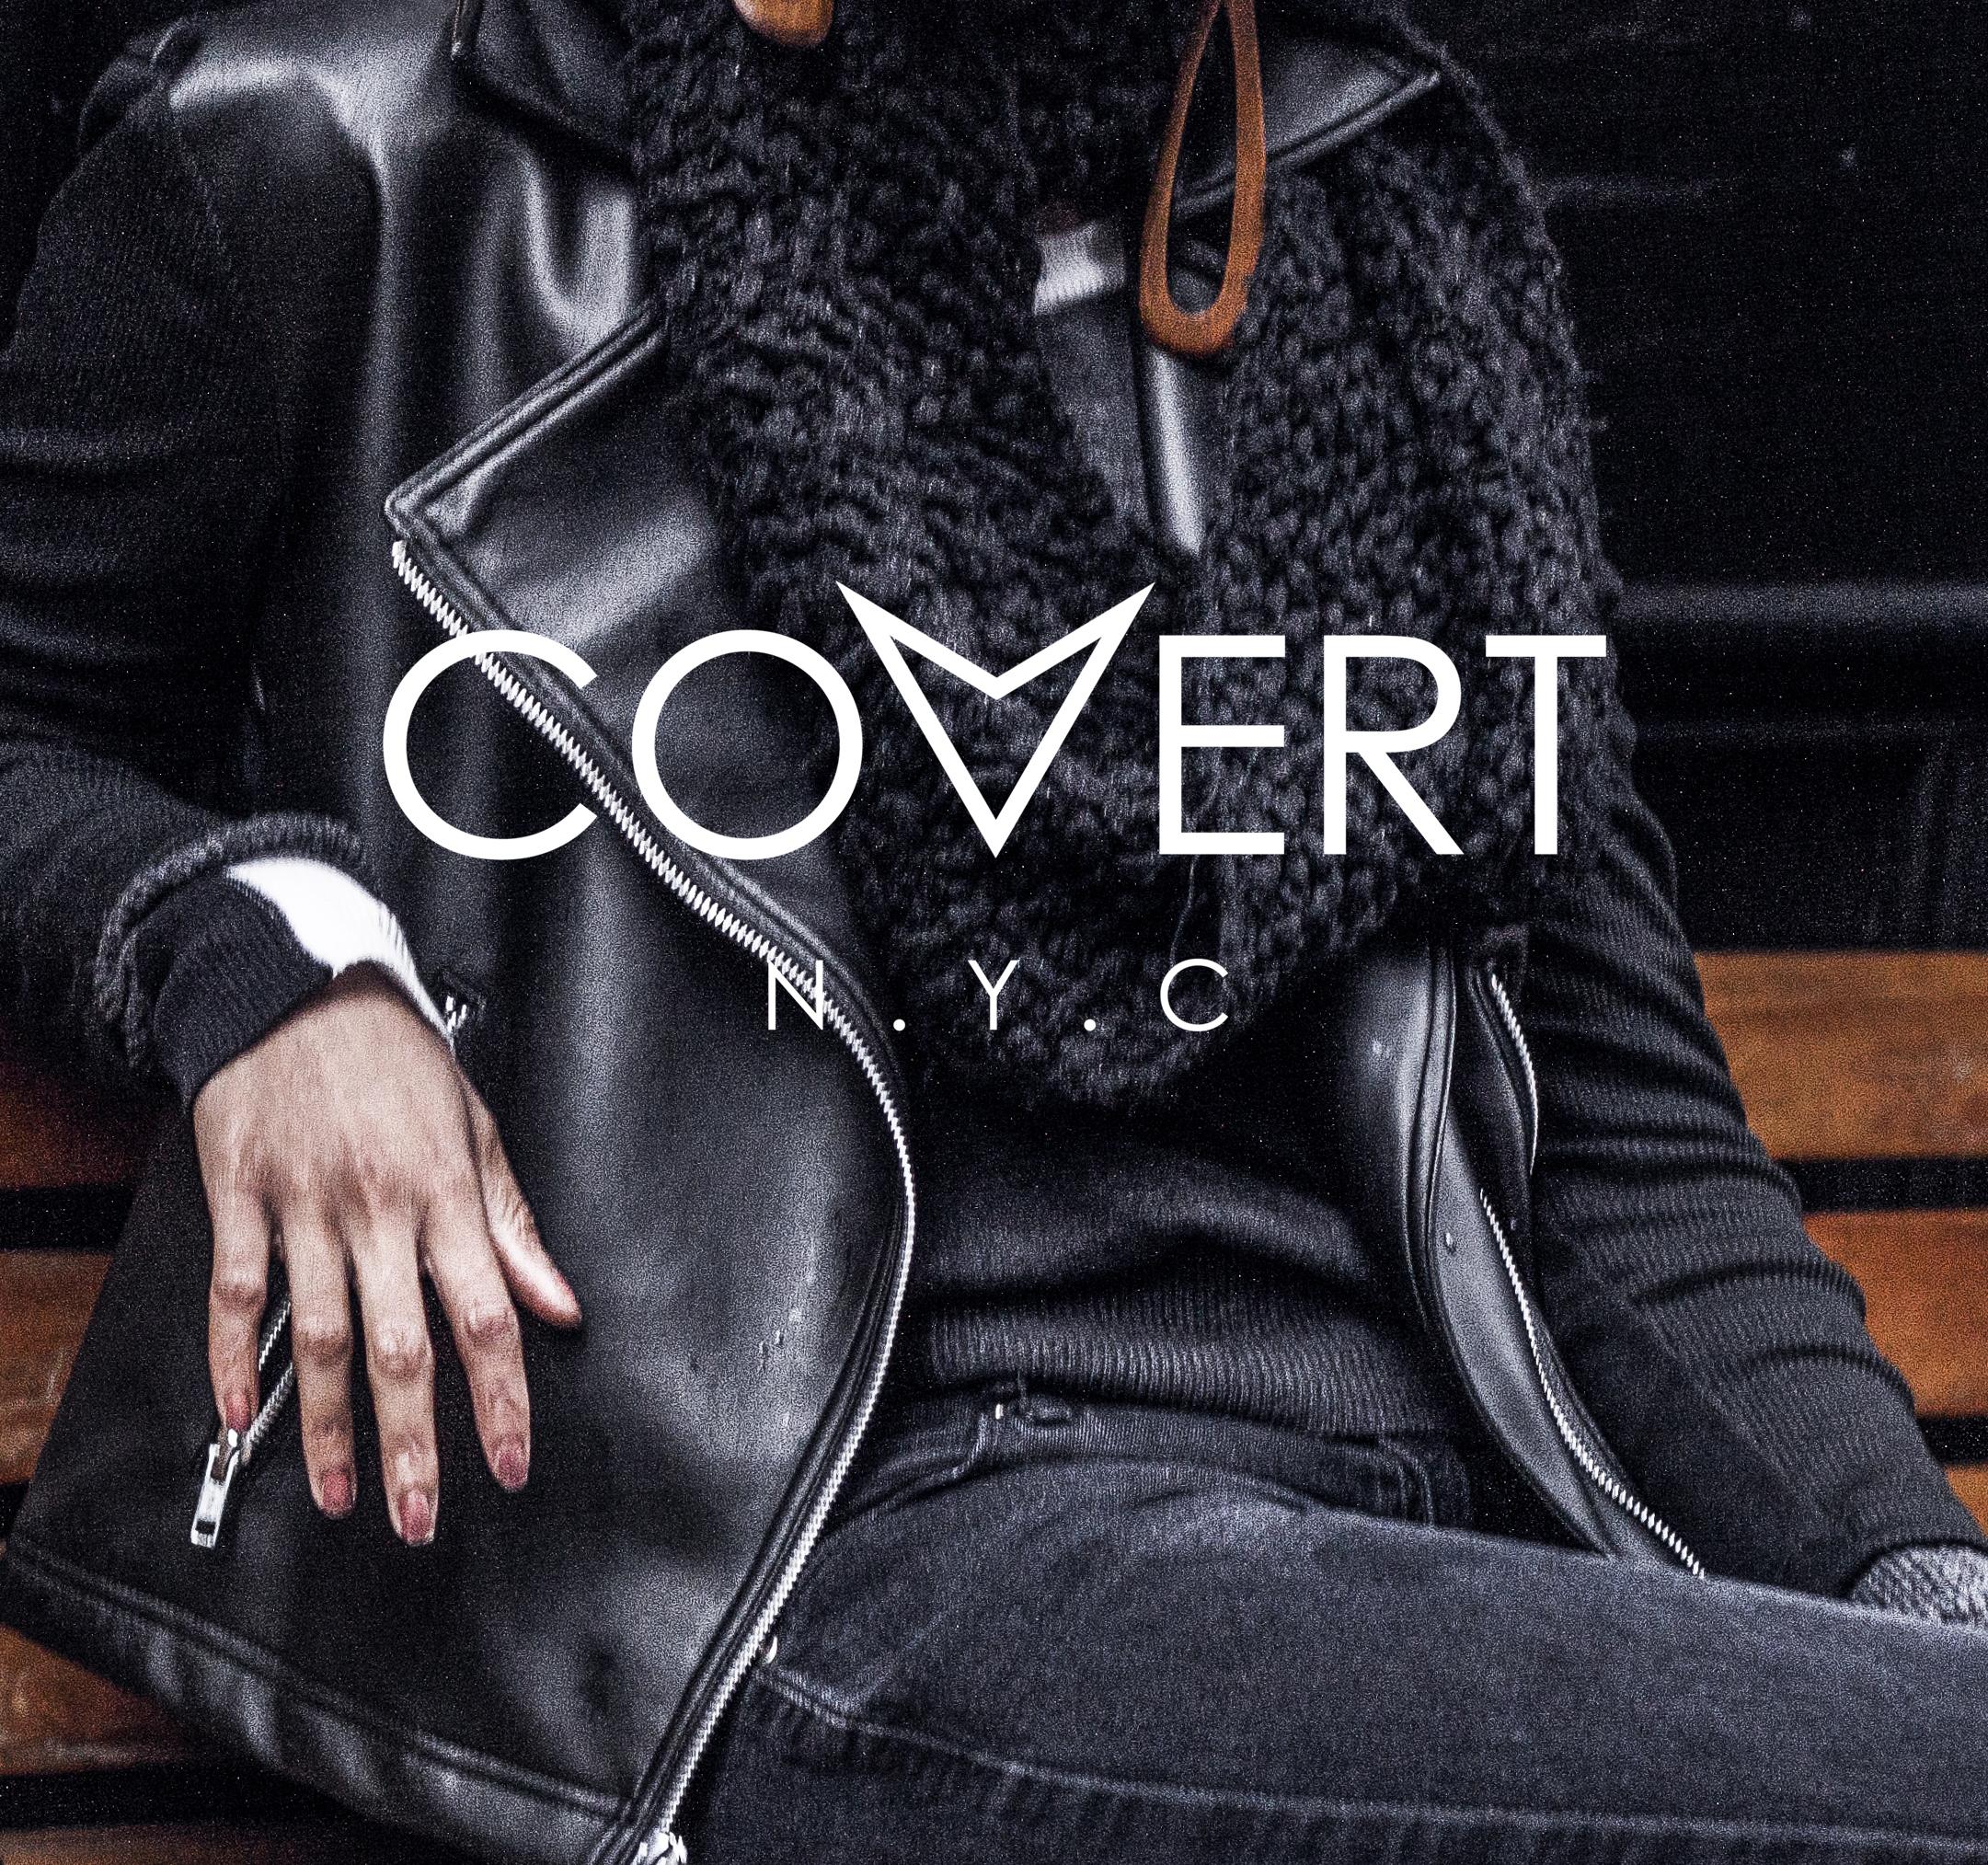 Covert N.Y.C